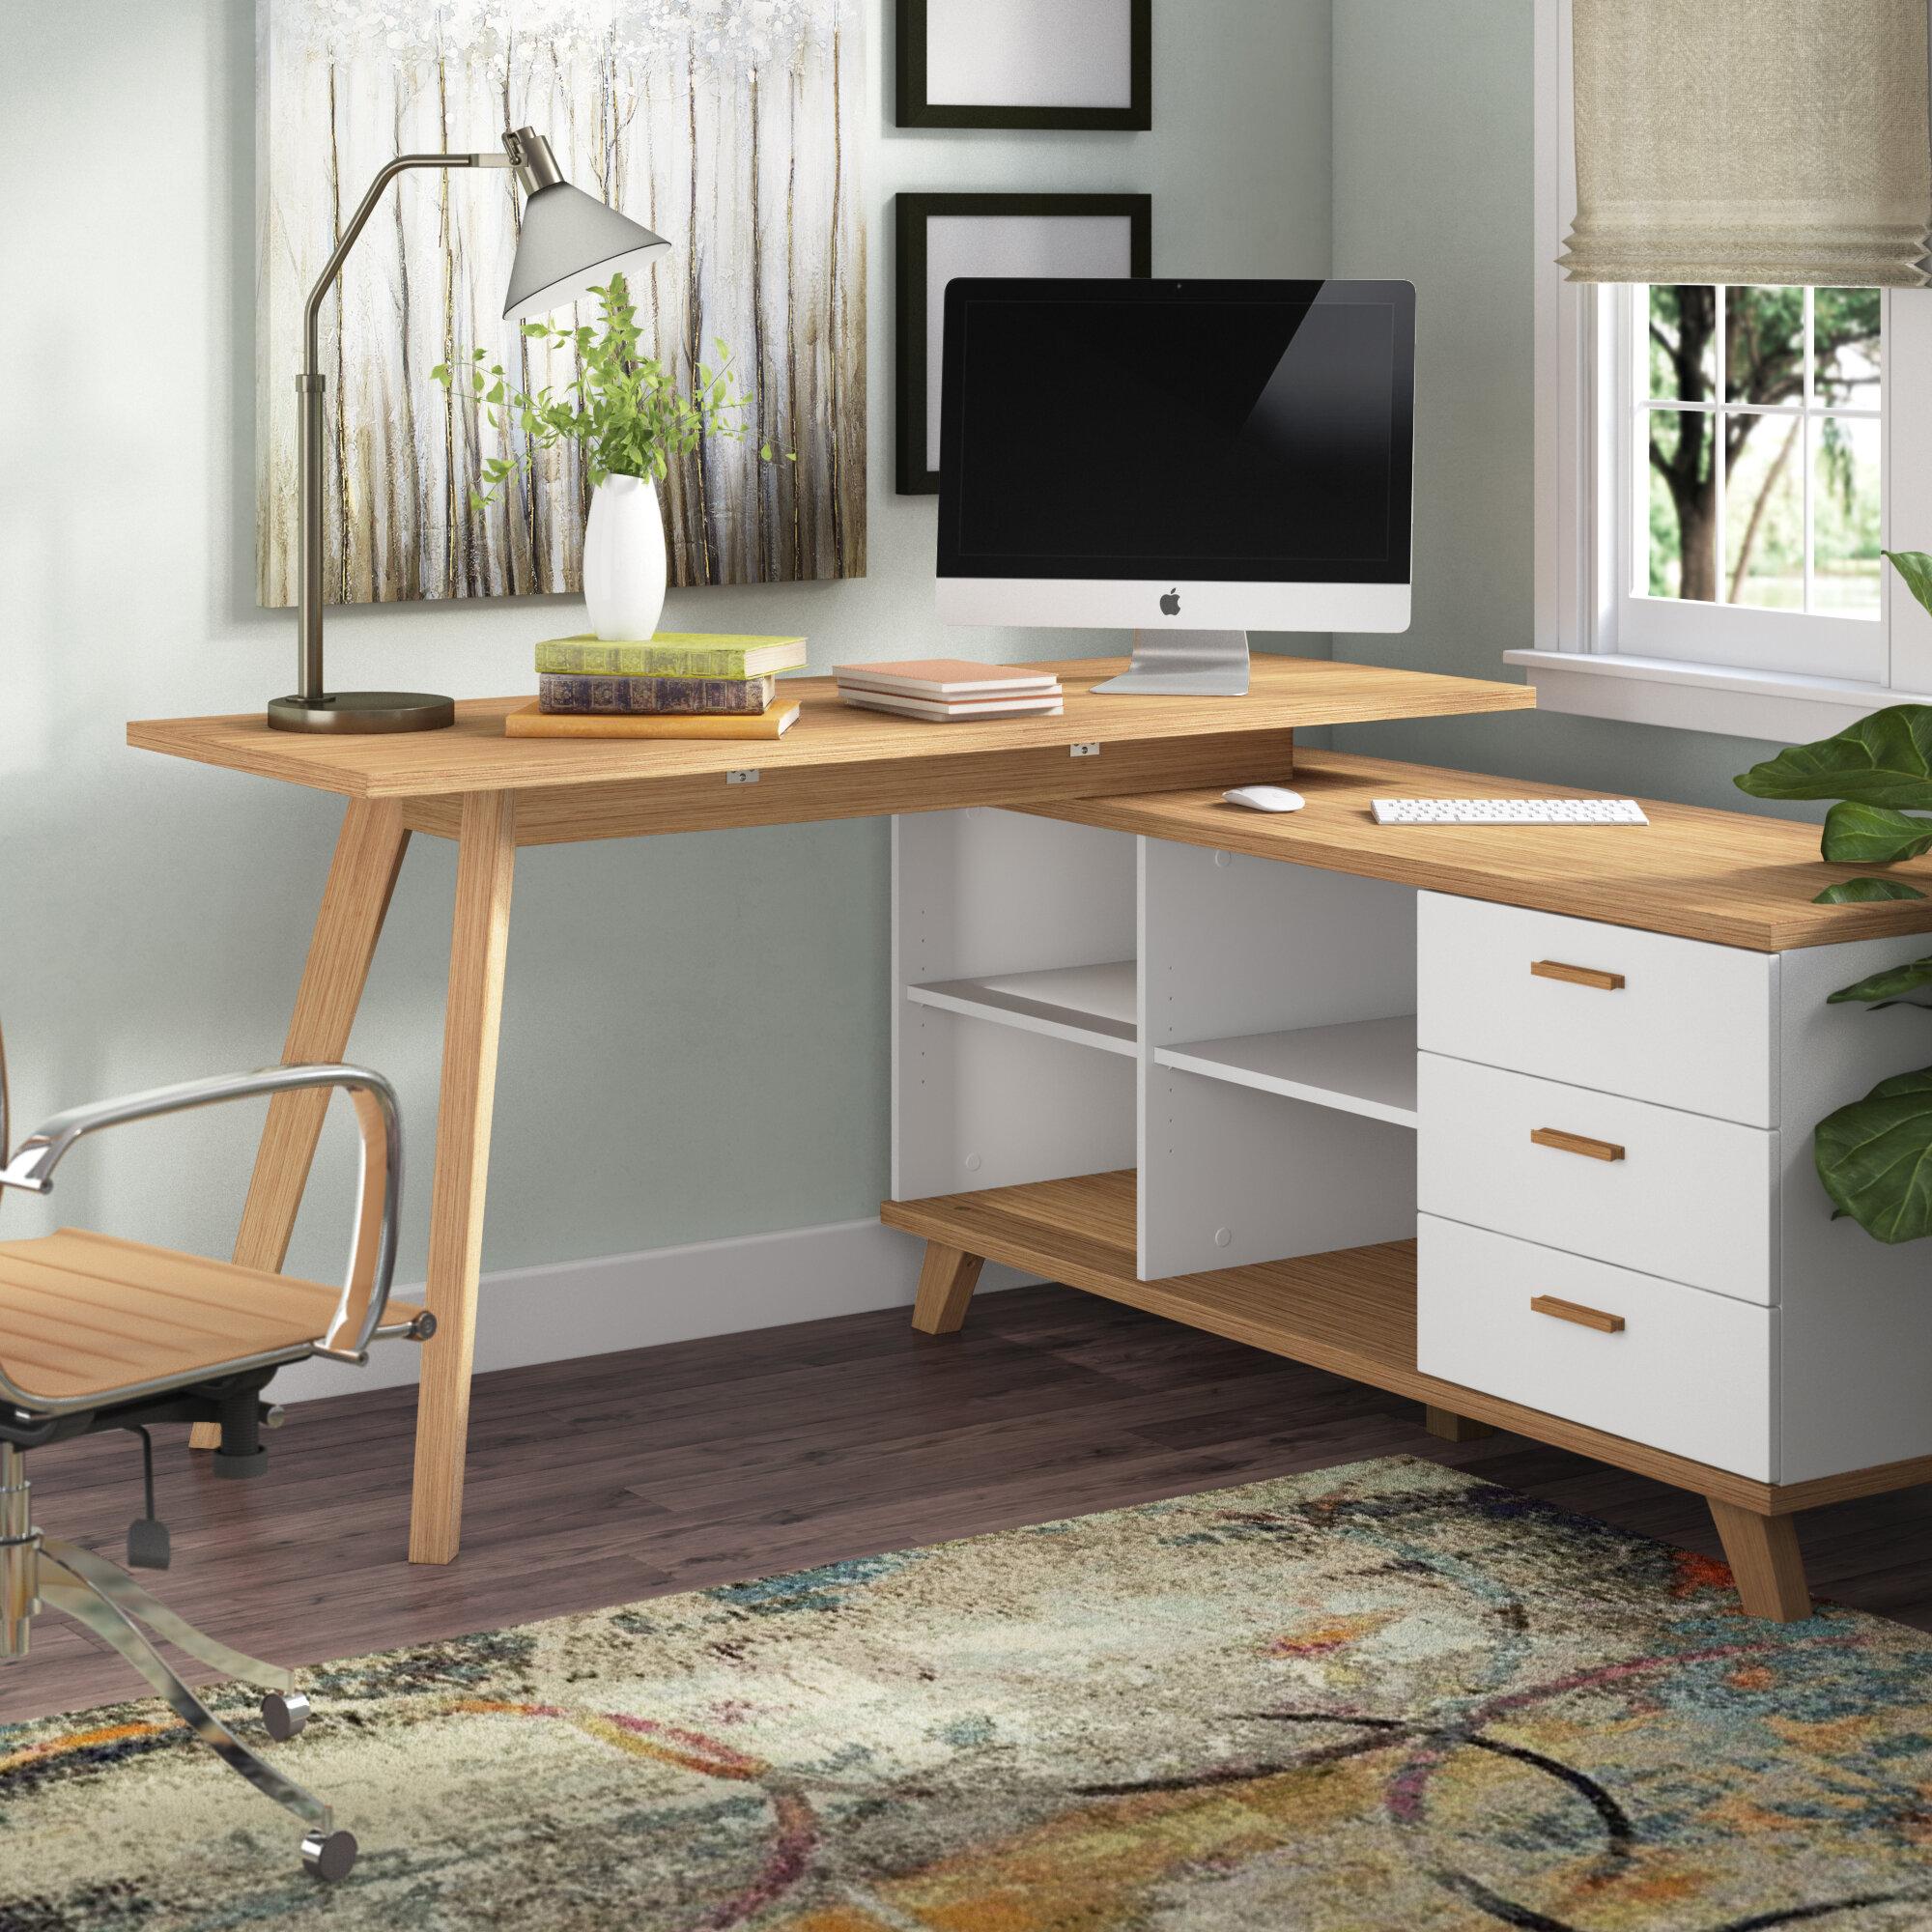 Fabelhaft Schreibtisch Oslo Ideen Von